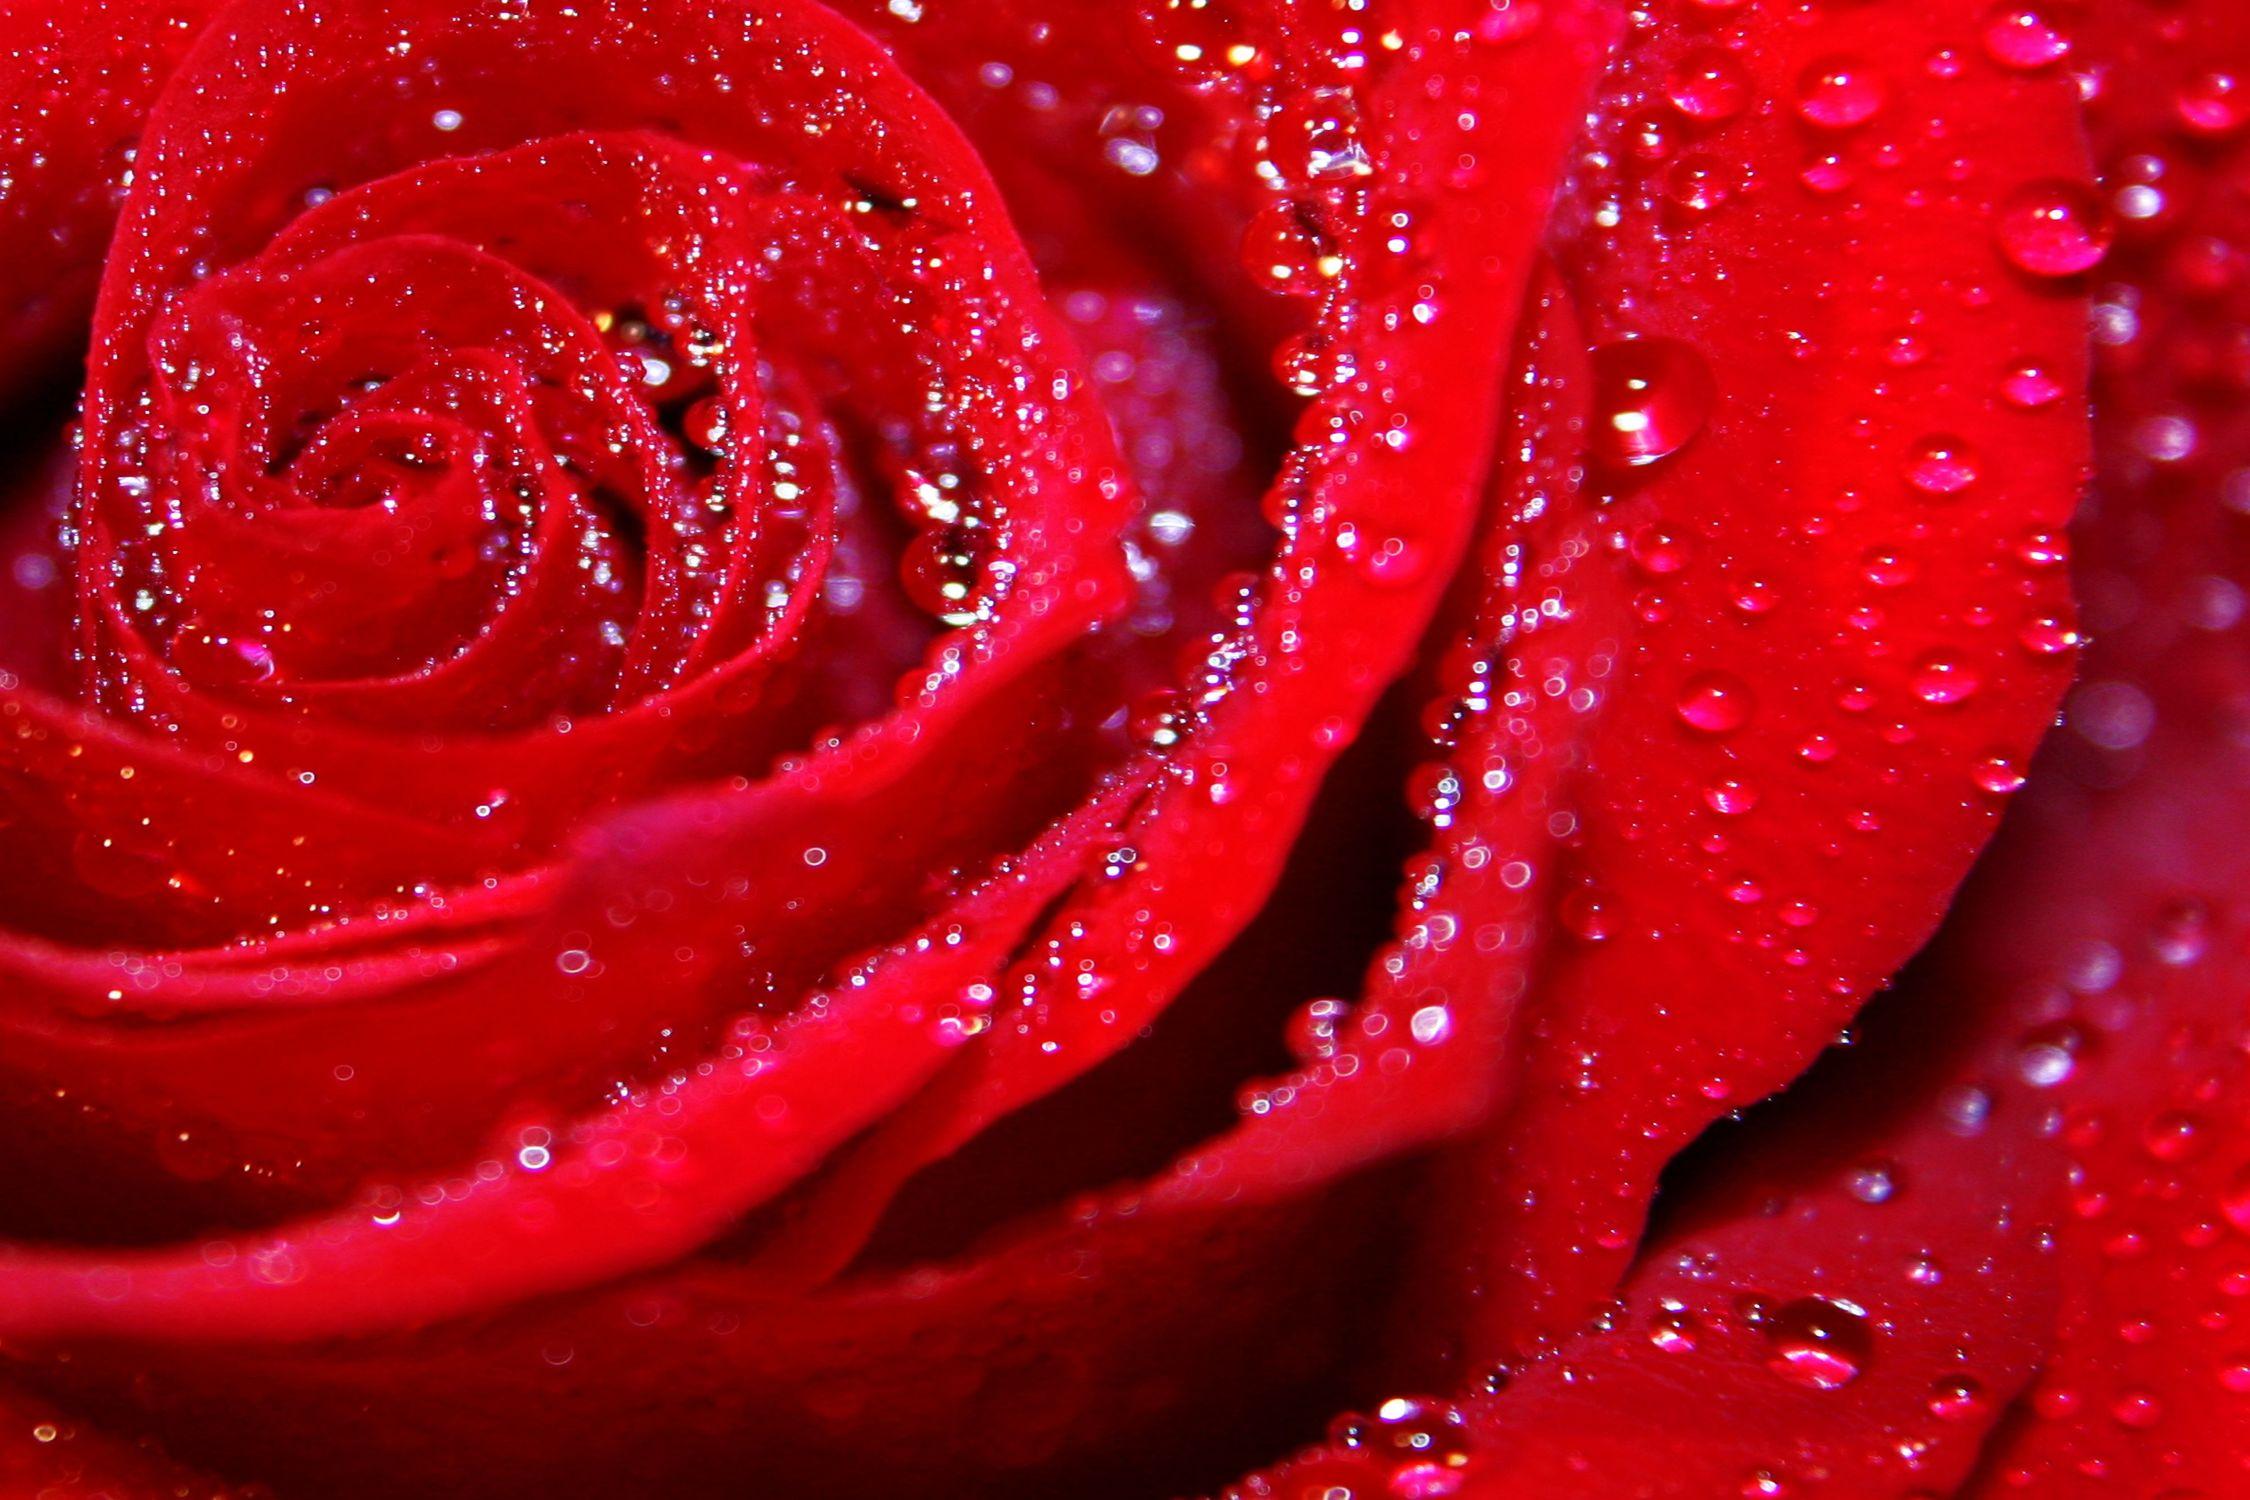 Bild mit Farben, Natur, Elemente, Wasser, Pflanzen, Blumen, Blumen, Rosa, Rosen, Blume, Pflanze, Rose, Roses, rote Rose, Rosenblüte, Flower, Flowers, osaceae, red, Wassertropfen, Wasserperlen, nasse Rose, Wassertropfen auf einer roten Rose